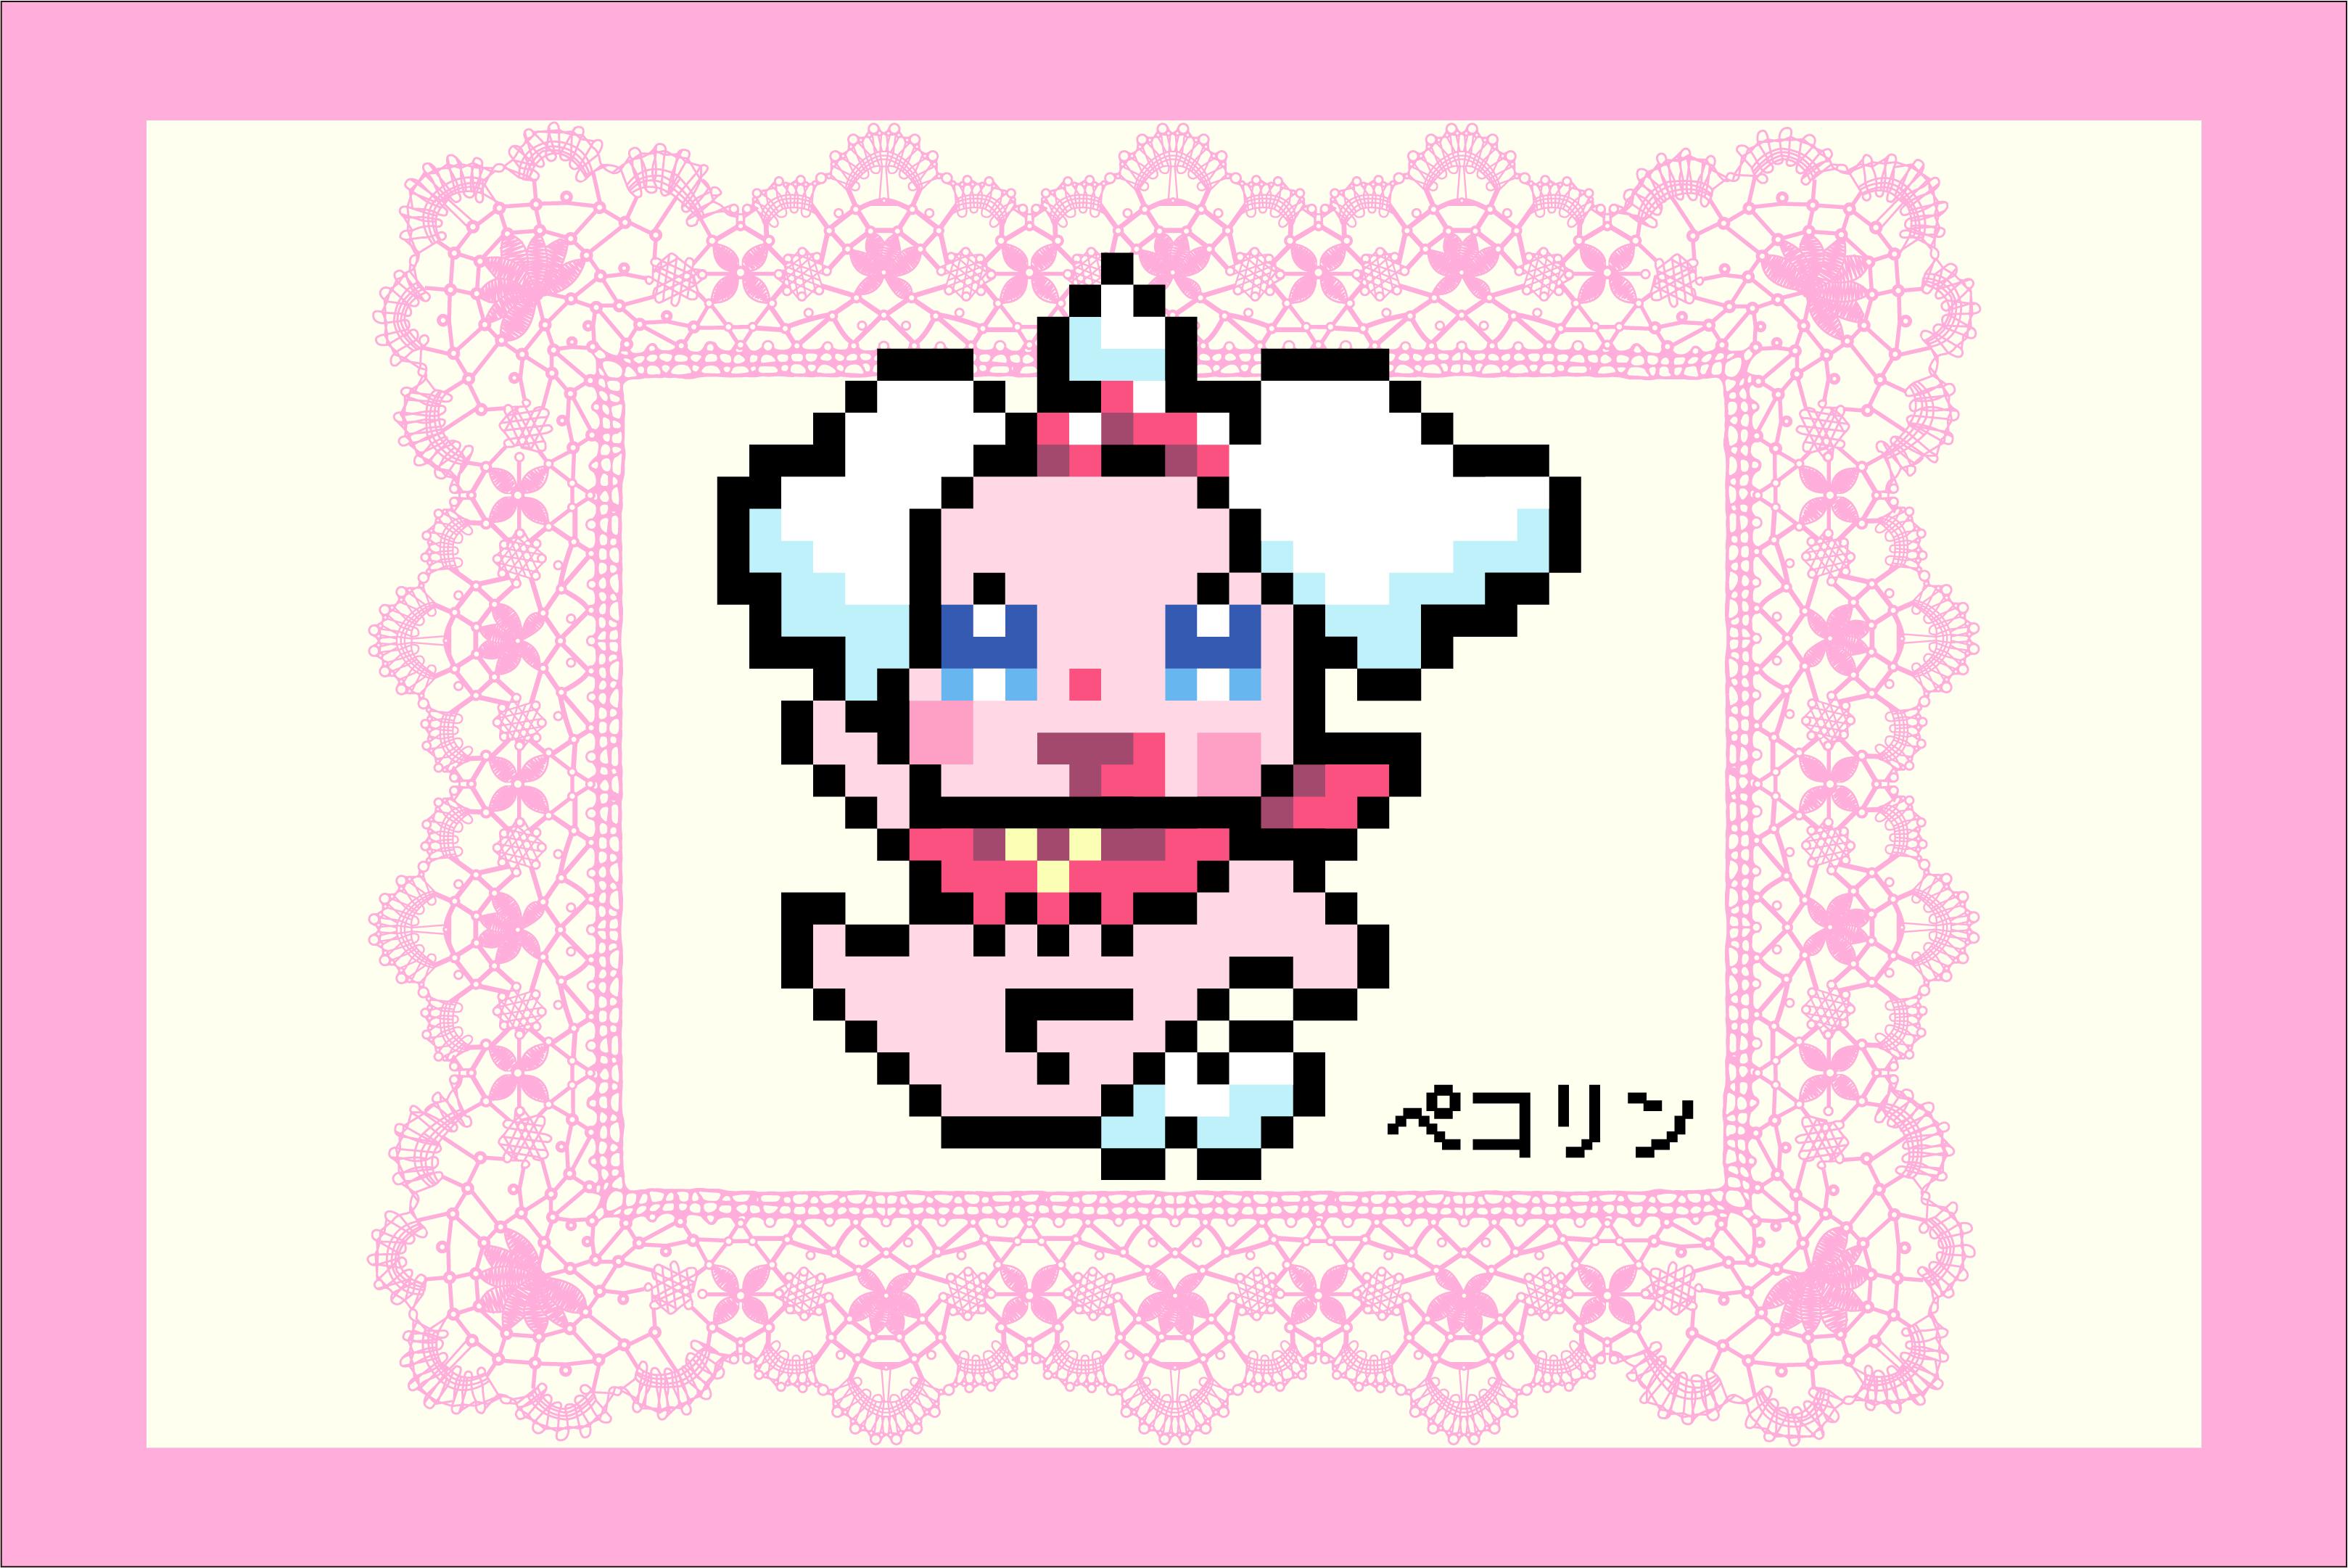 キラキラ☆プリキュアアラモード・ペコリンのアイロンビーズ図案